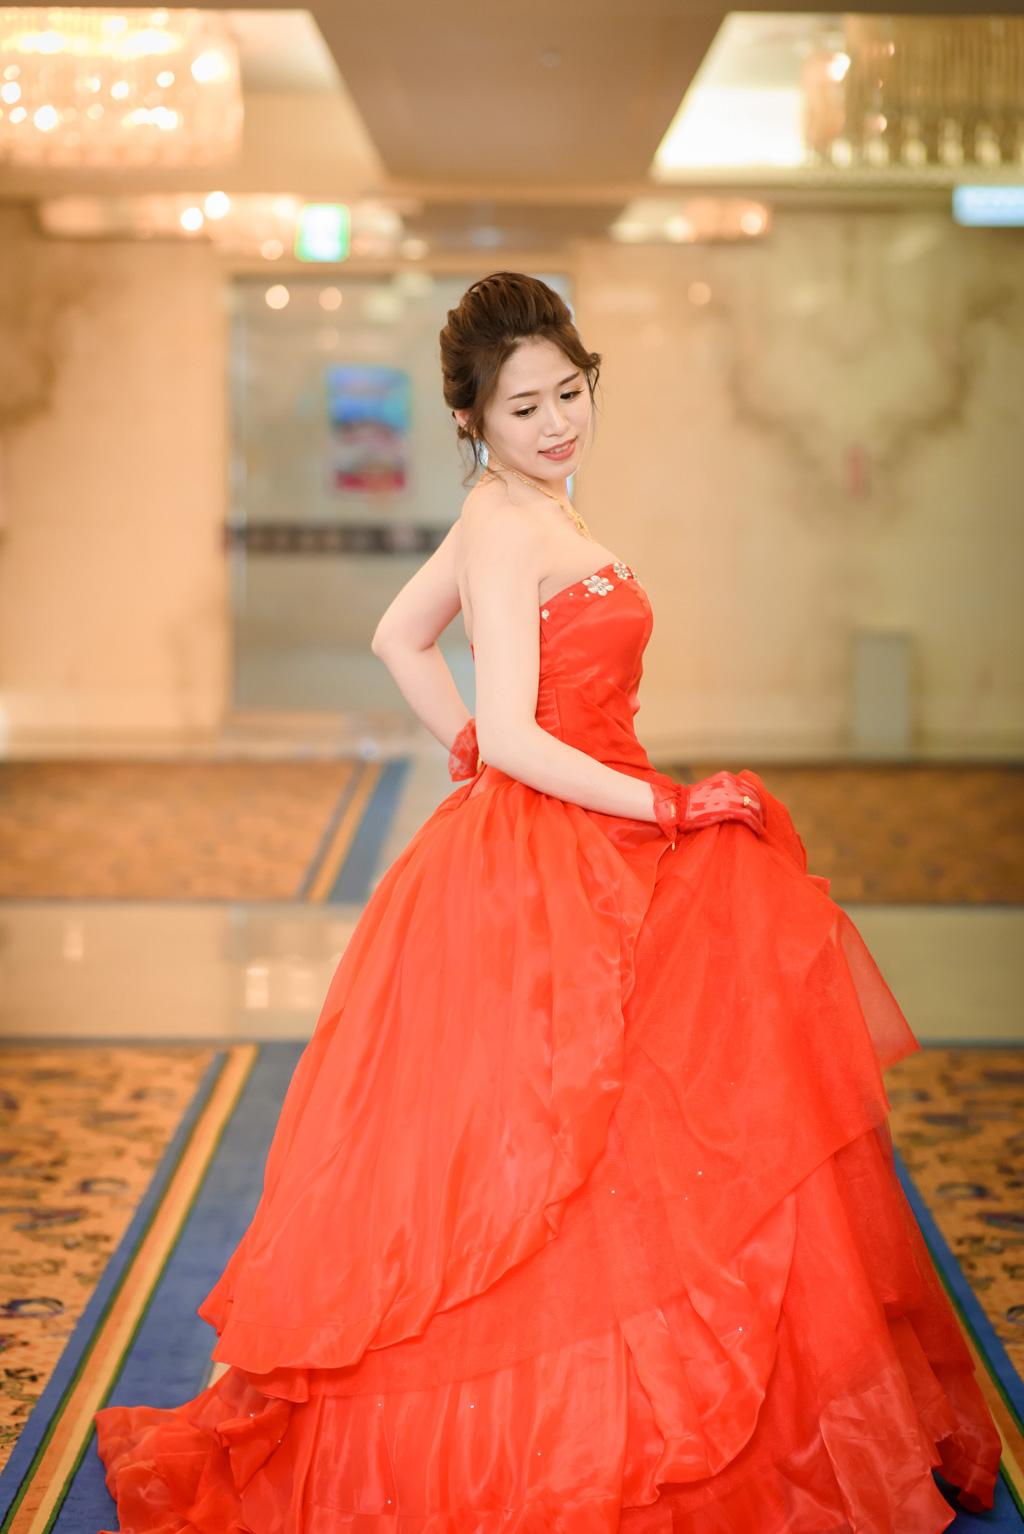 婚攝小勇, 小寶團隊, 台北婚攝, 新竹風采, 新竹風采婚宴, 新竹風采婚攝, wedding day-040